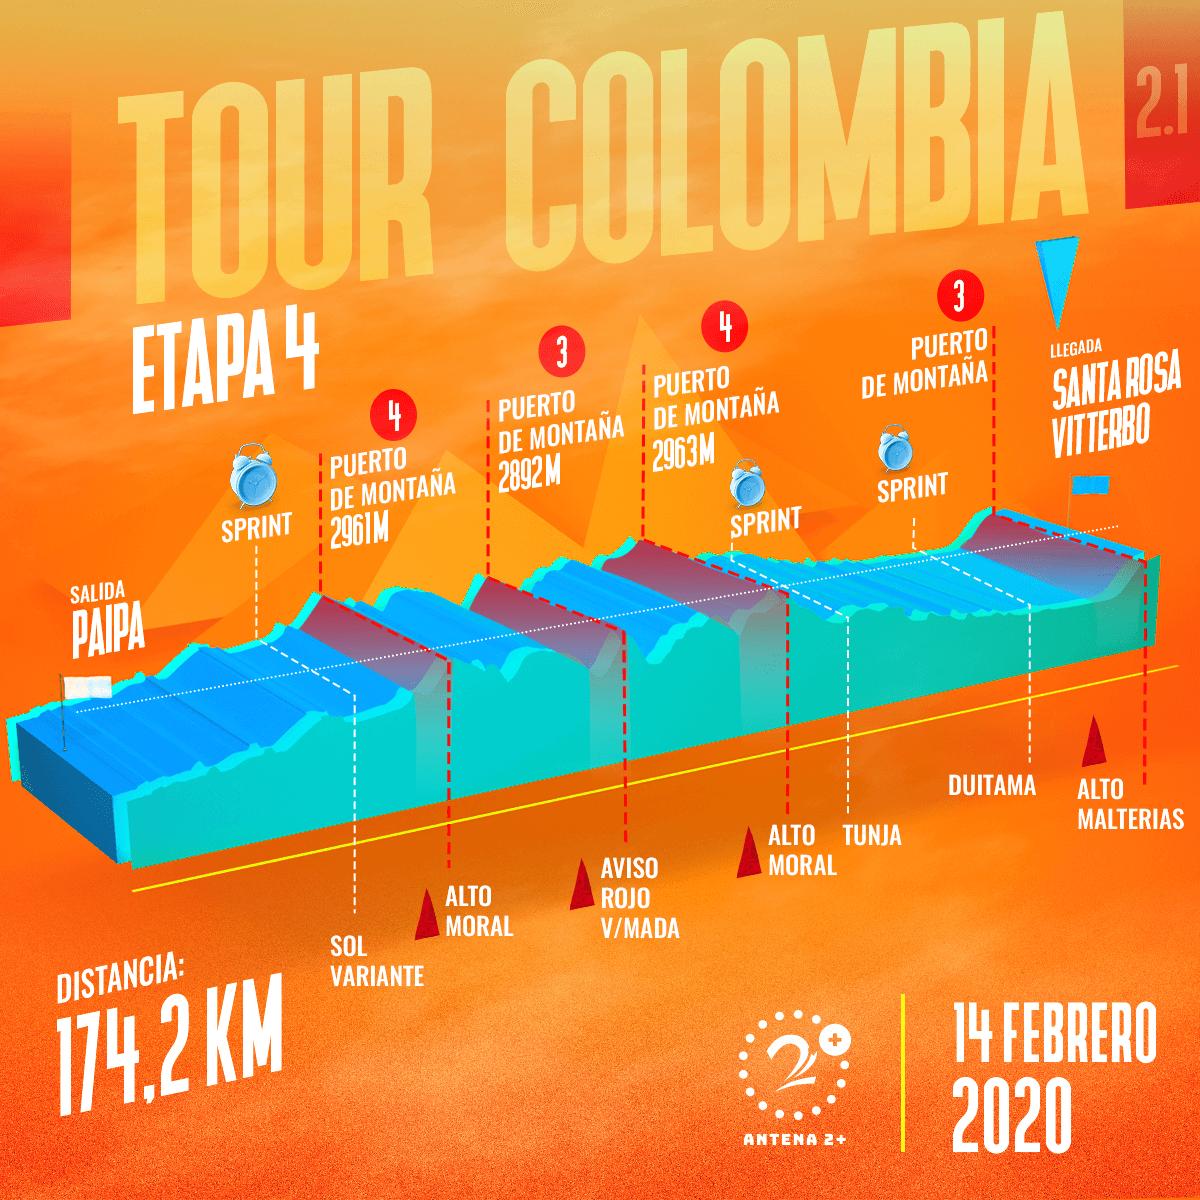 Tour Colombia 2020, etapa 4